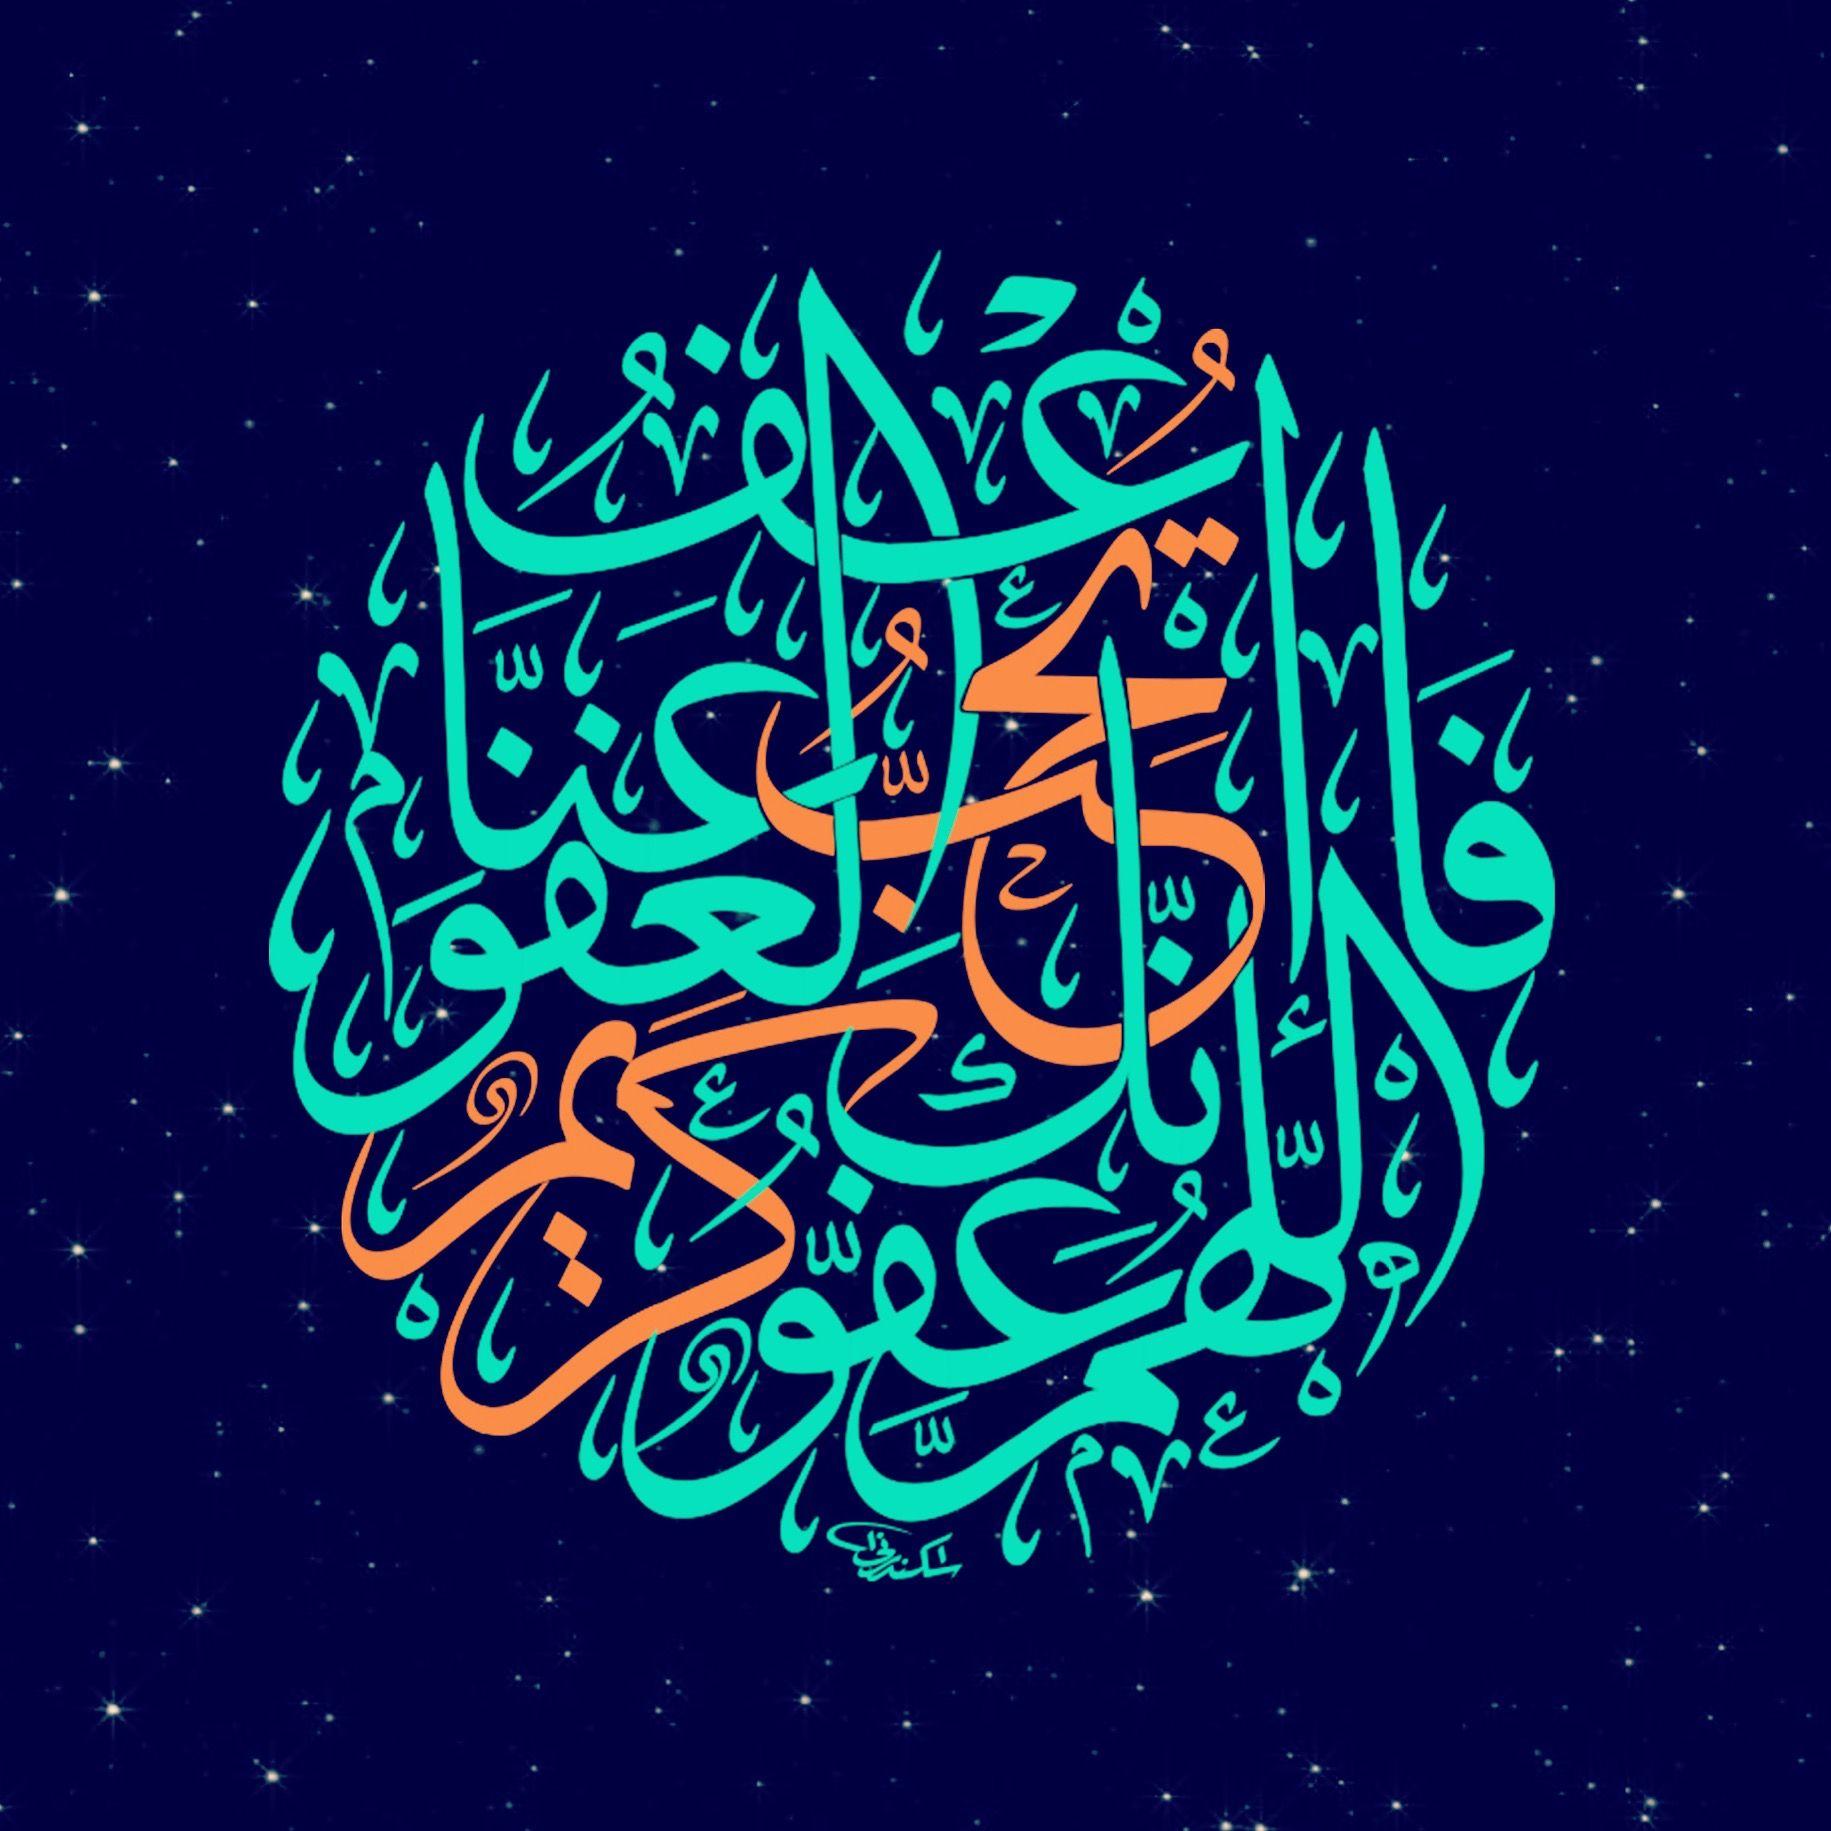 اللهم انك عفو كريم تحب العفو فأعف عنا من اعمالي الخاصة عام ١٤٣٩ Islamic Art Calligraphy Islamic Calligraphy Painting Islamic Caligraphy Art